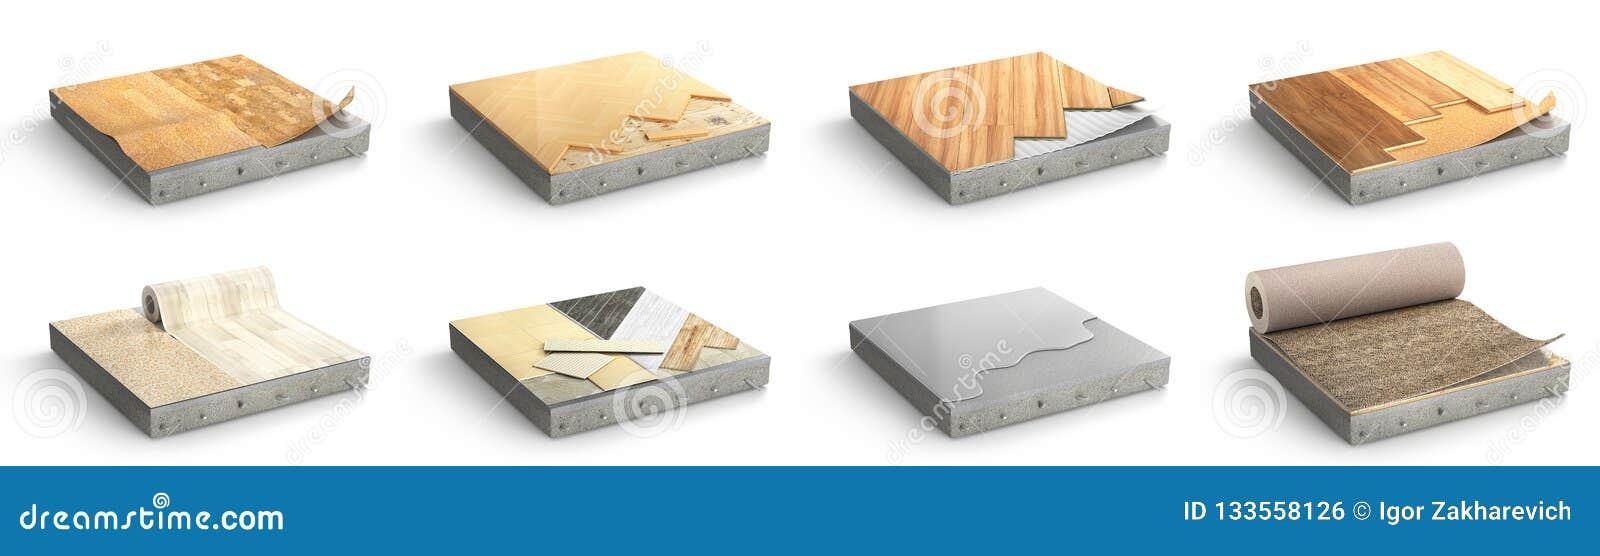 Le plancher dactylographie le revêtement Installation de plancher Placez des morceaux de dif